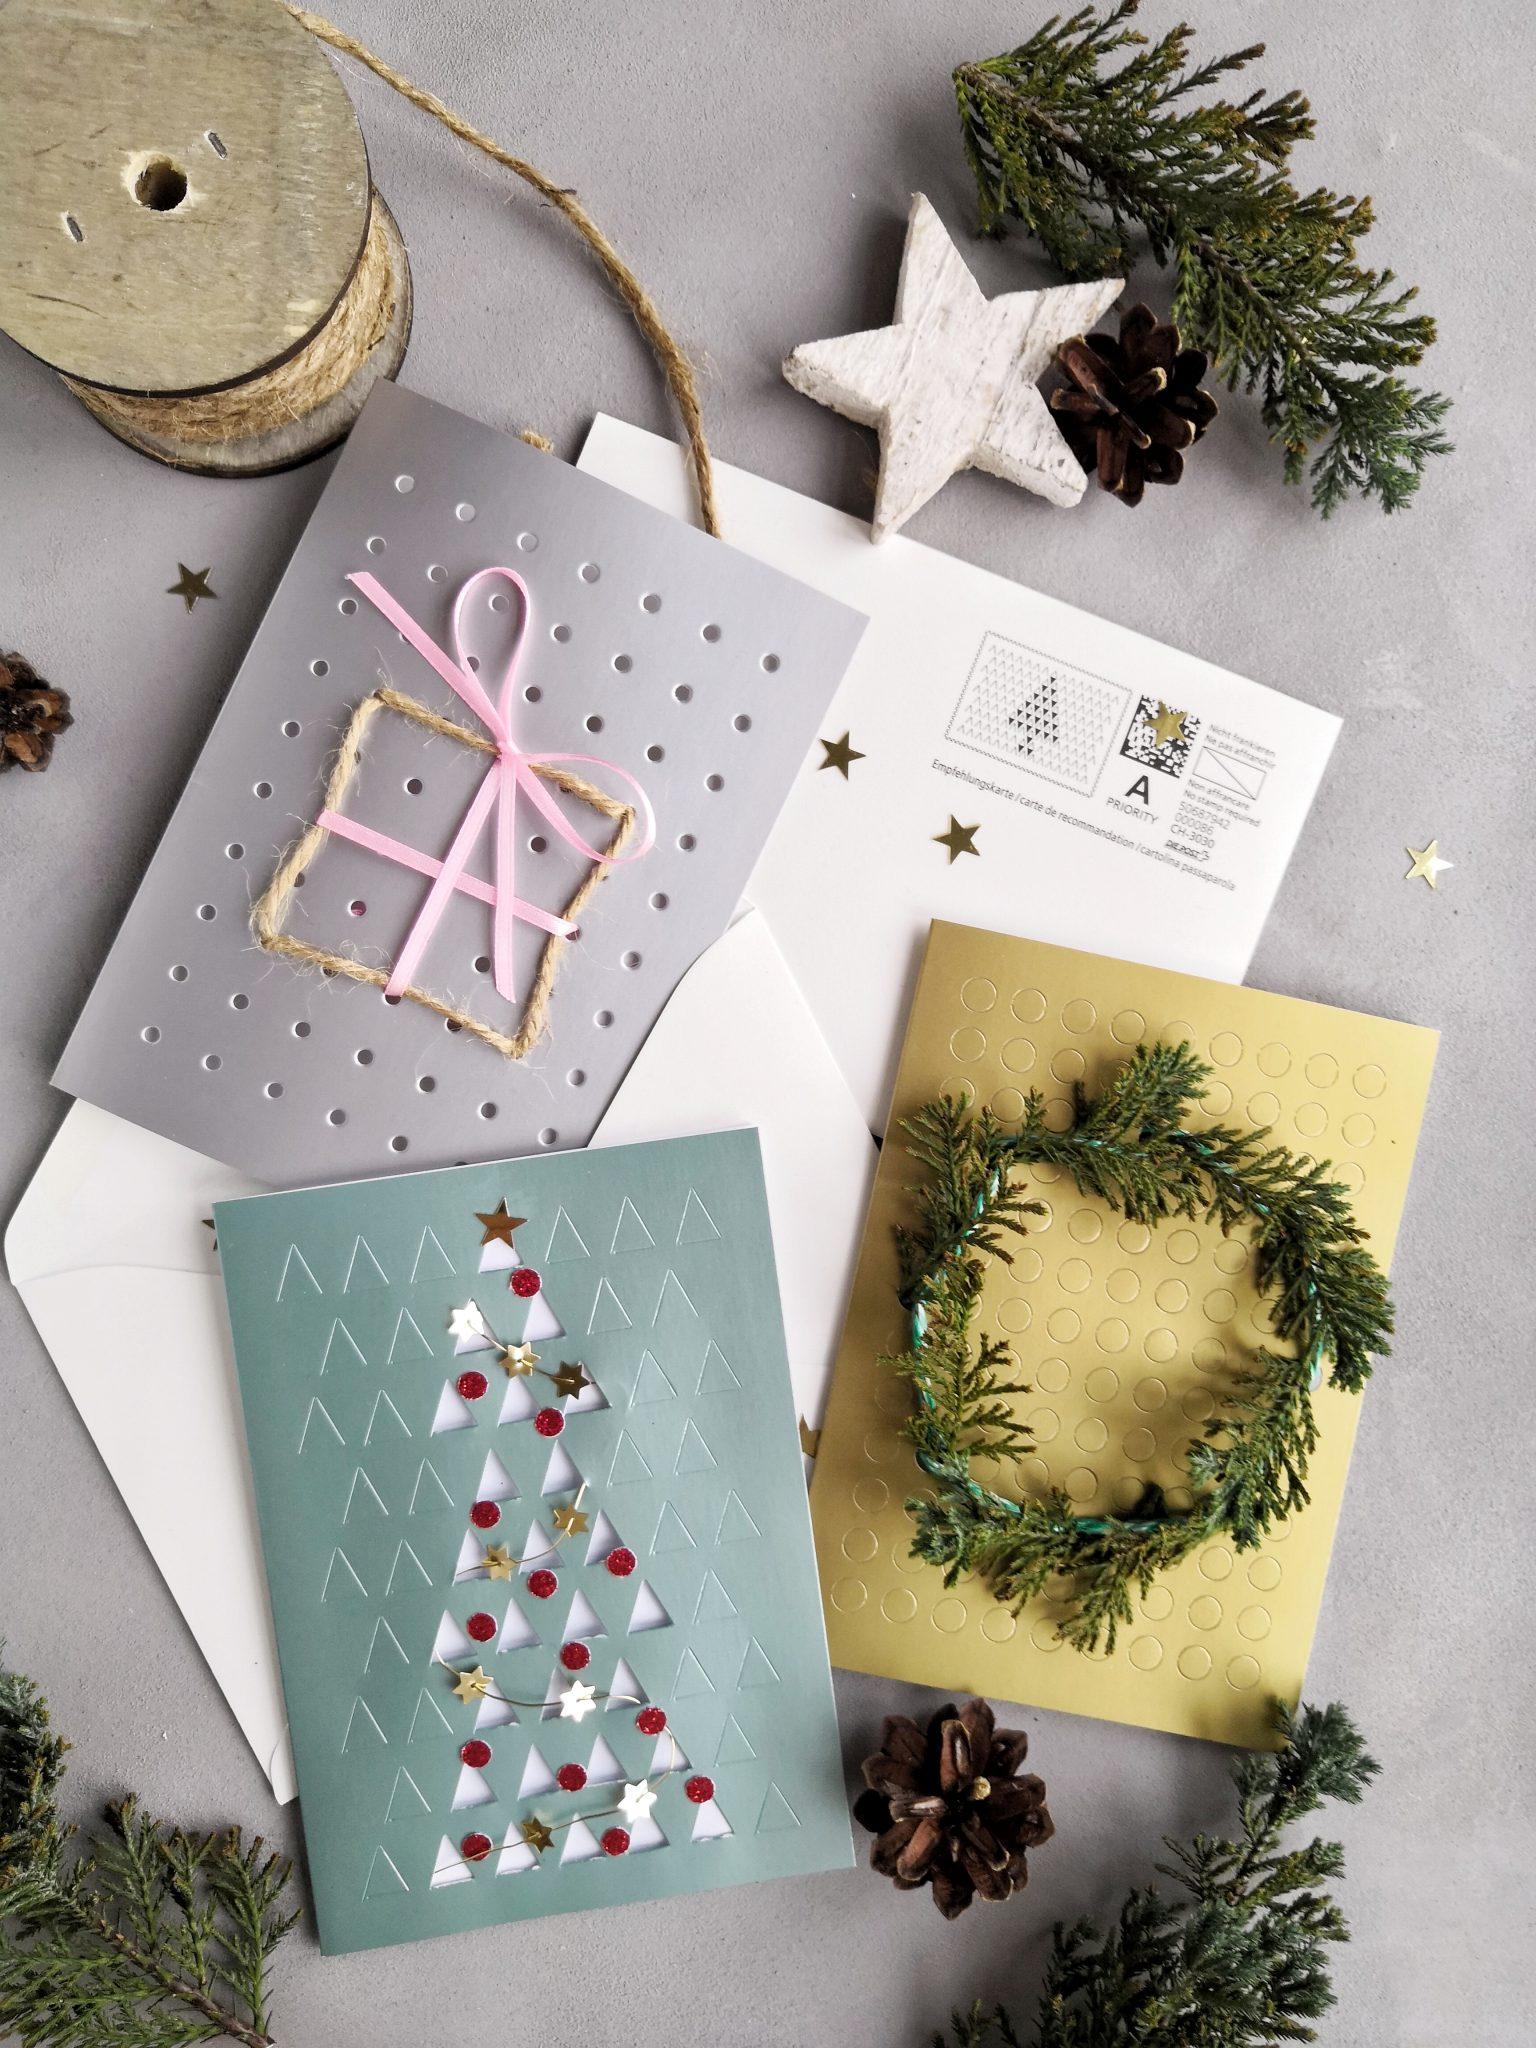 Individuelle Weihnachtskarten.Diy Weihnachtskarten Individuelle Post Für Deine Liebsten